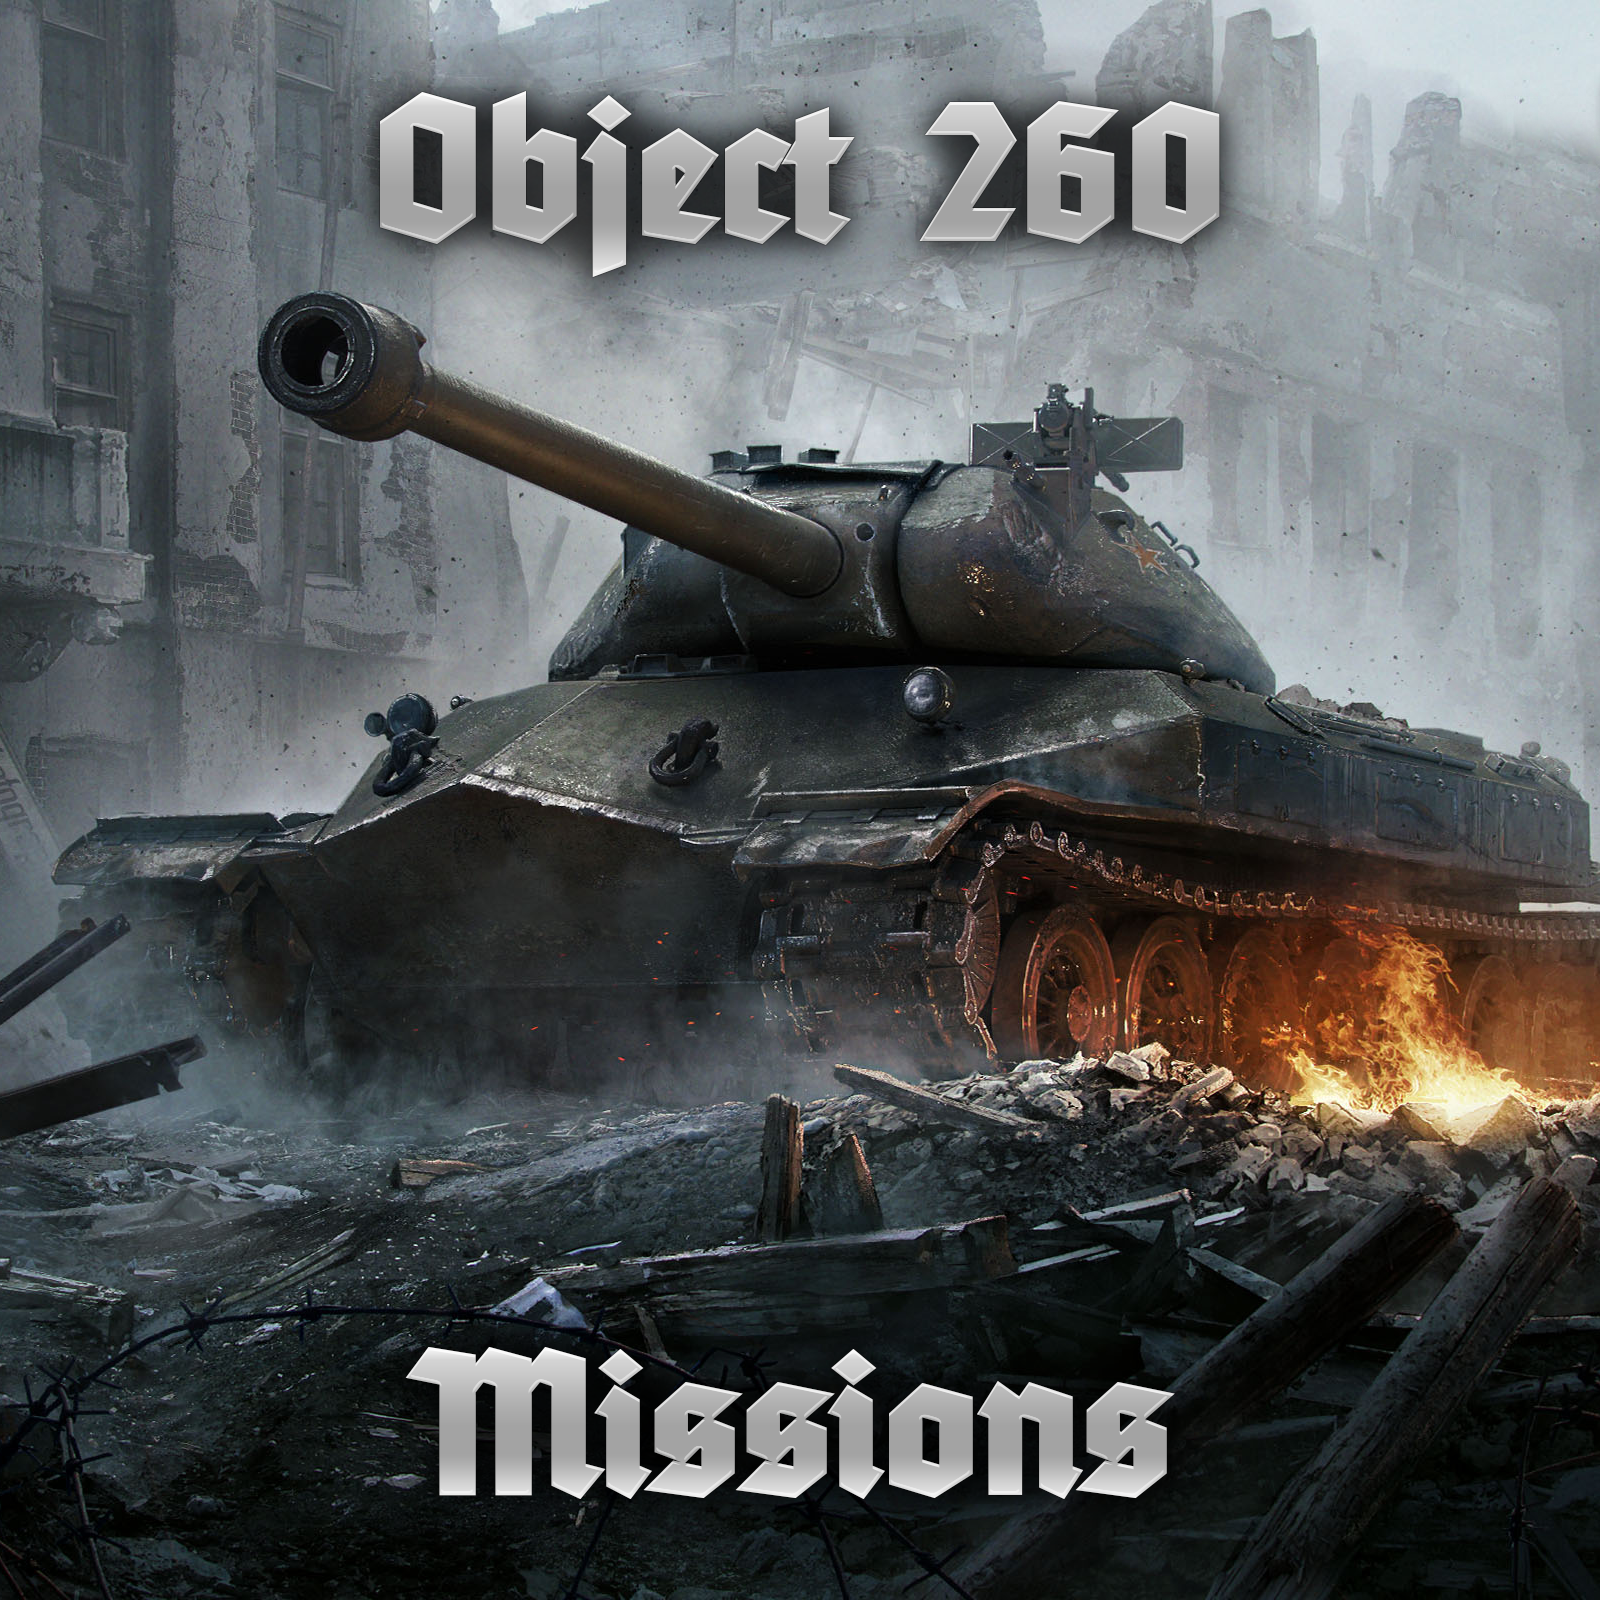 Вордл оф танк купить обьект 260 scorpion g отзывы wot